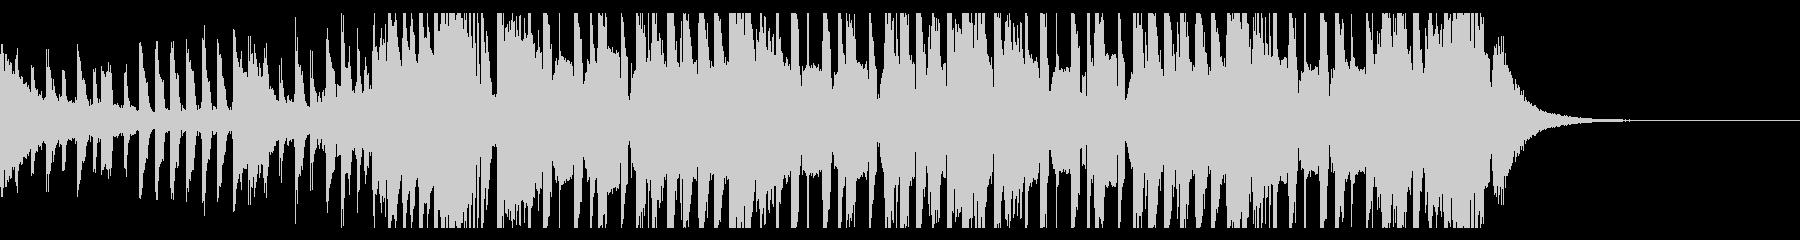 スポーツトラップの背景(30秒)の未再生の波形